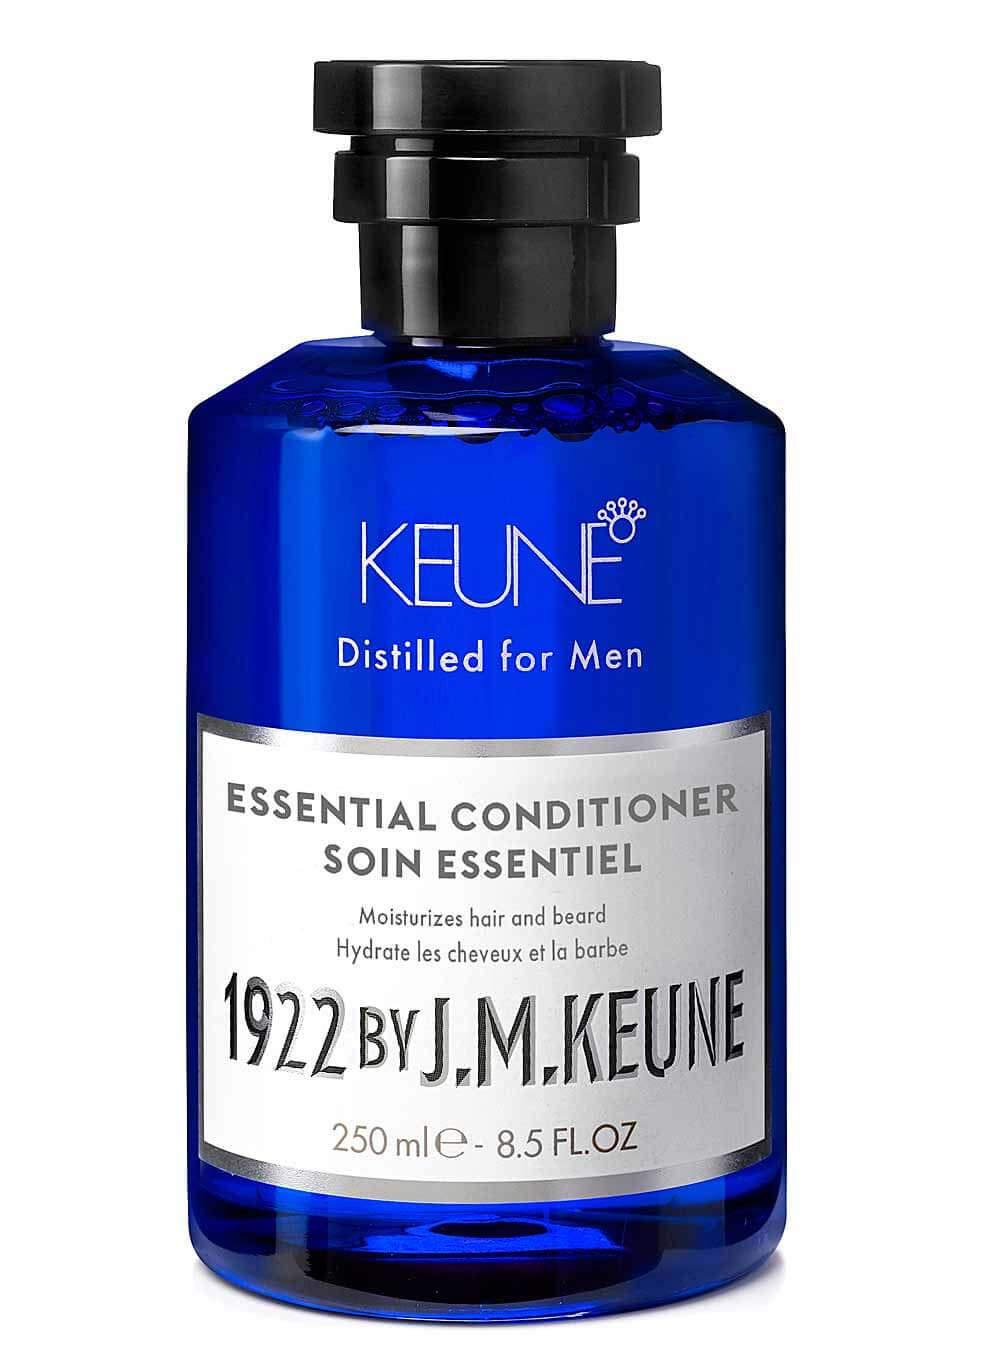 Echoscoiffure-produits-de-coiffure-professionnels-1922 by J.M Keune-01.jpg